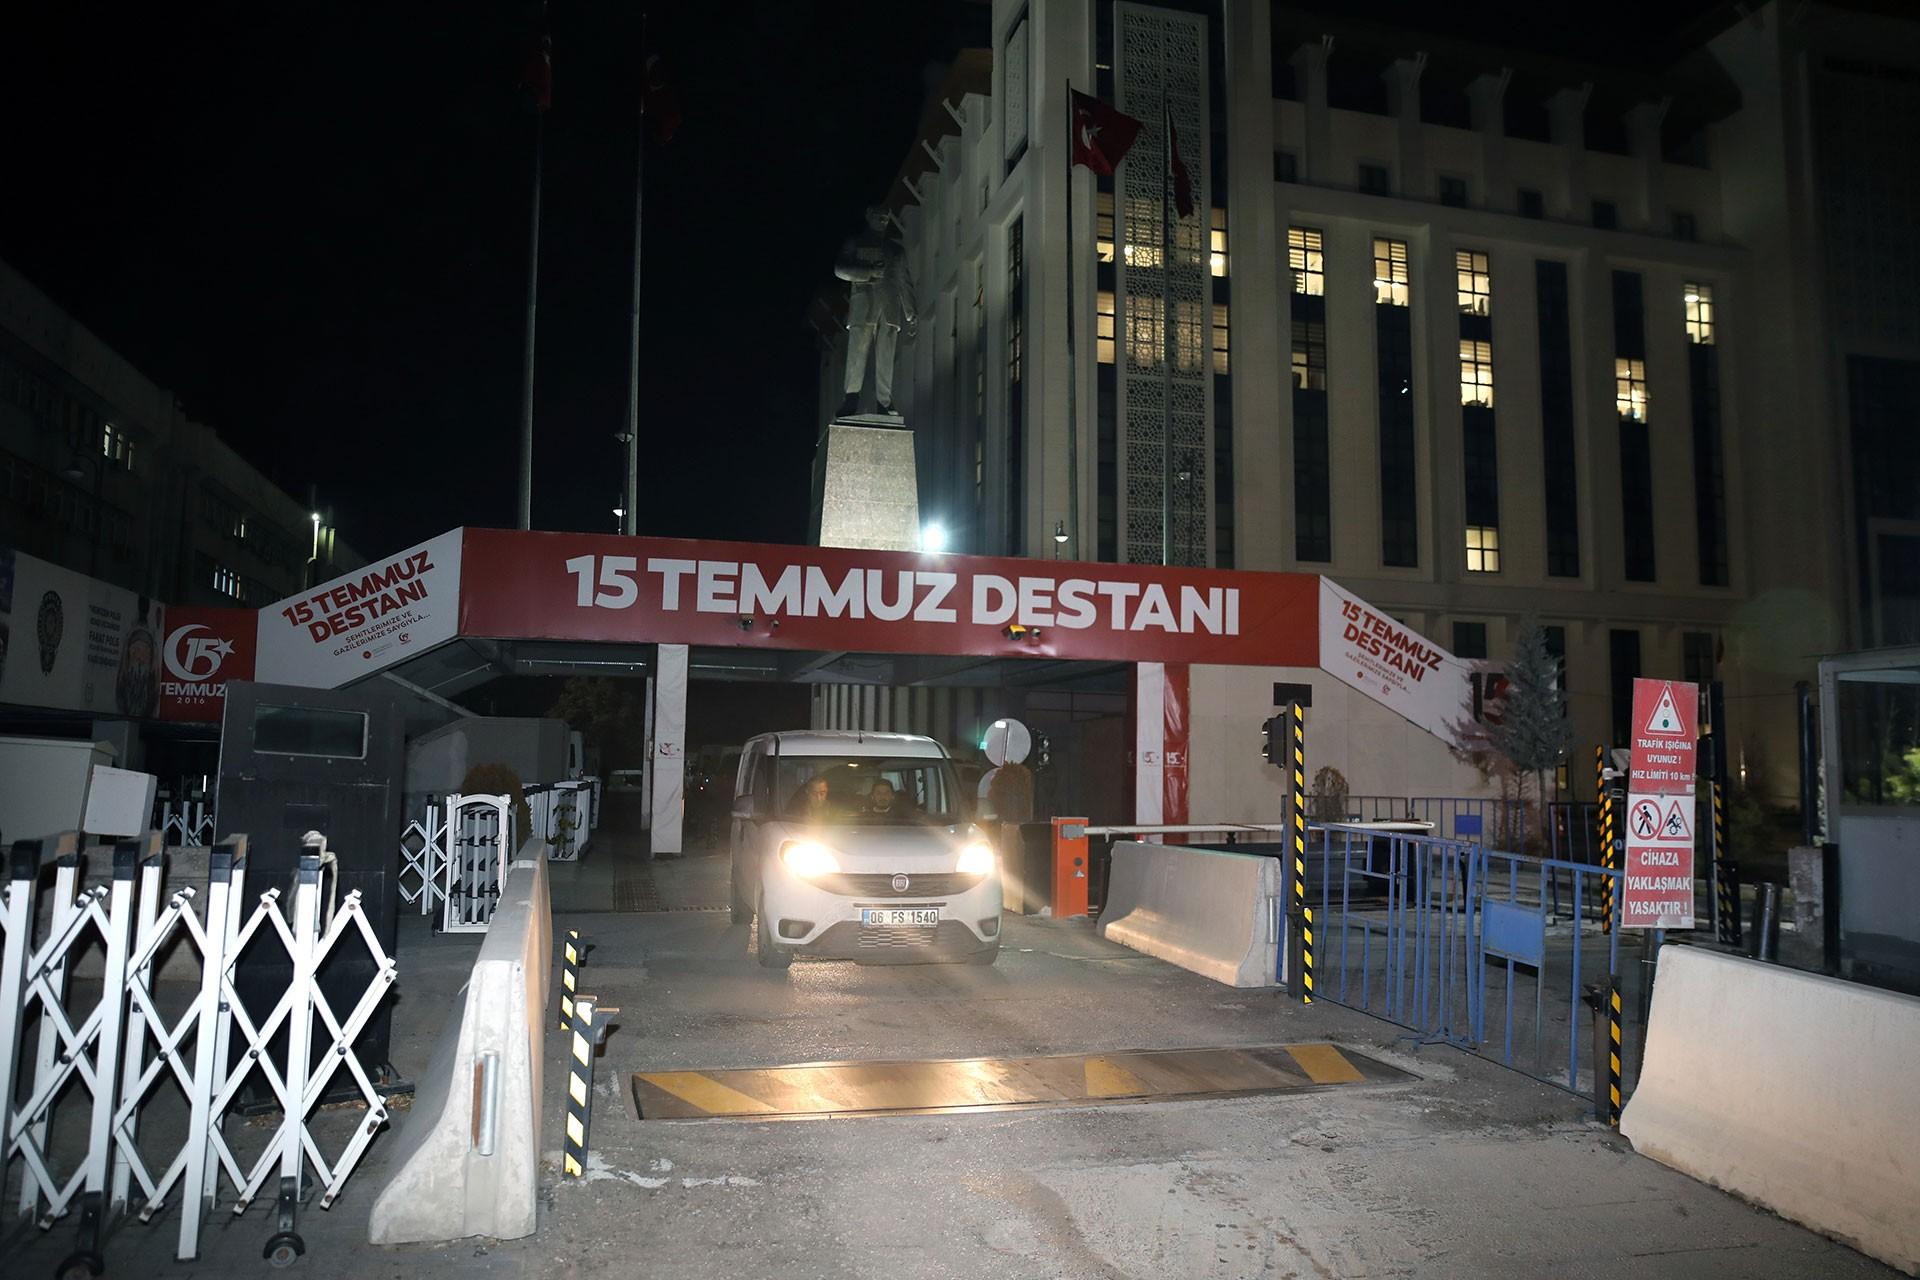 Ankara Emniyet Müdürlüğünün giriş kapısı